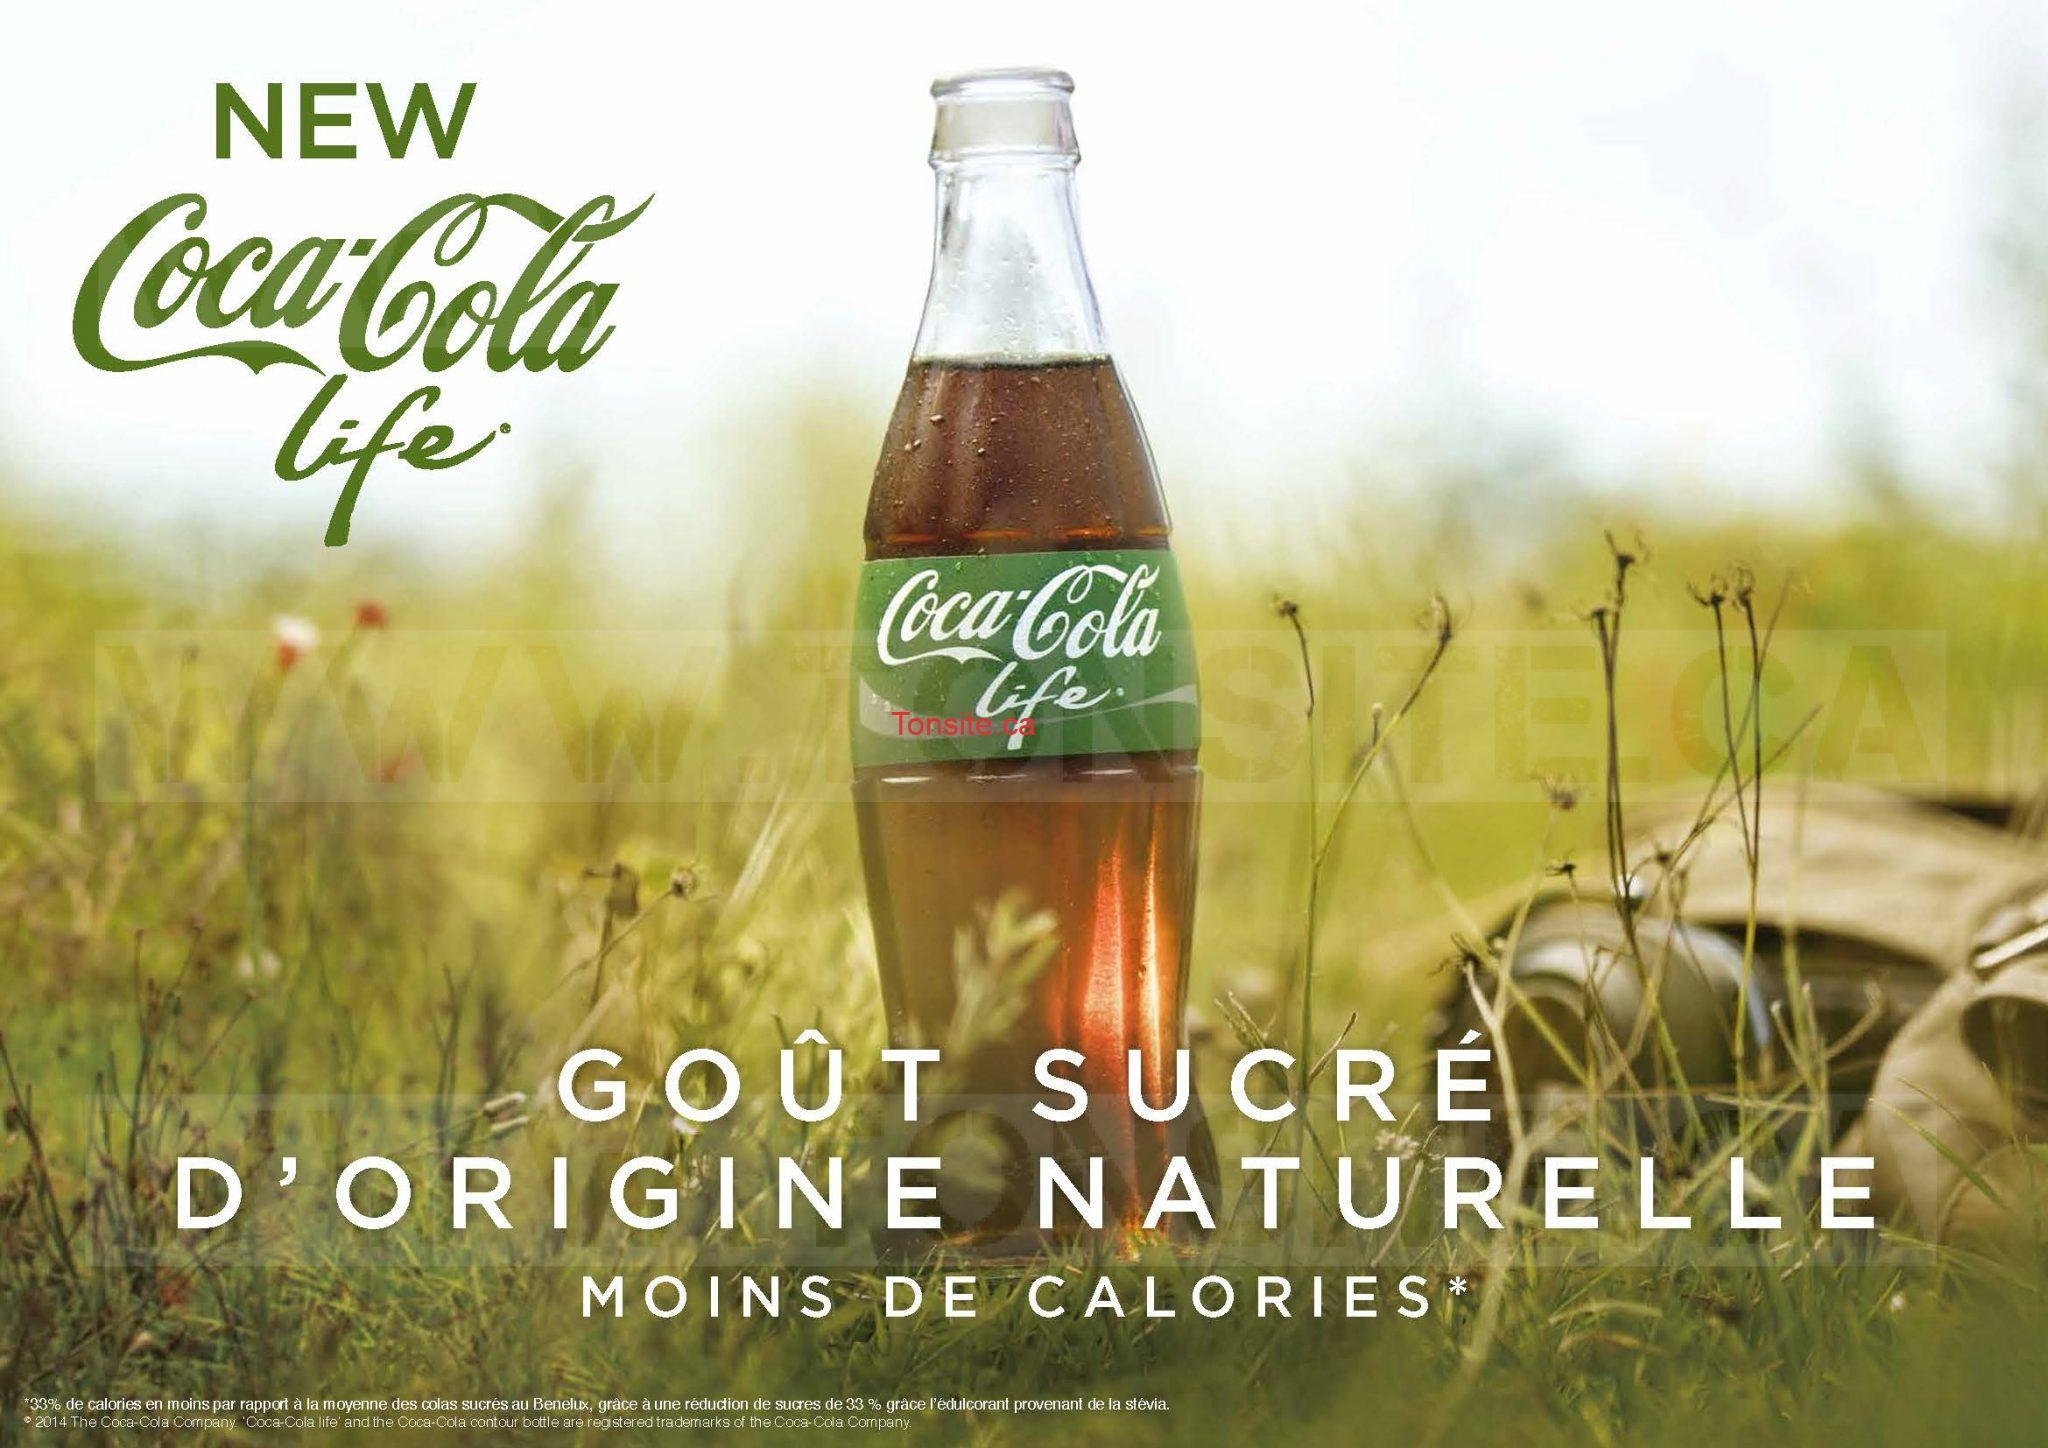 GRATUIT: Obtenez une bouteille Coca-Cola Life (500 mL) GRATUITE!